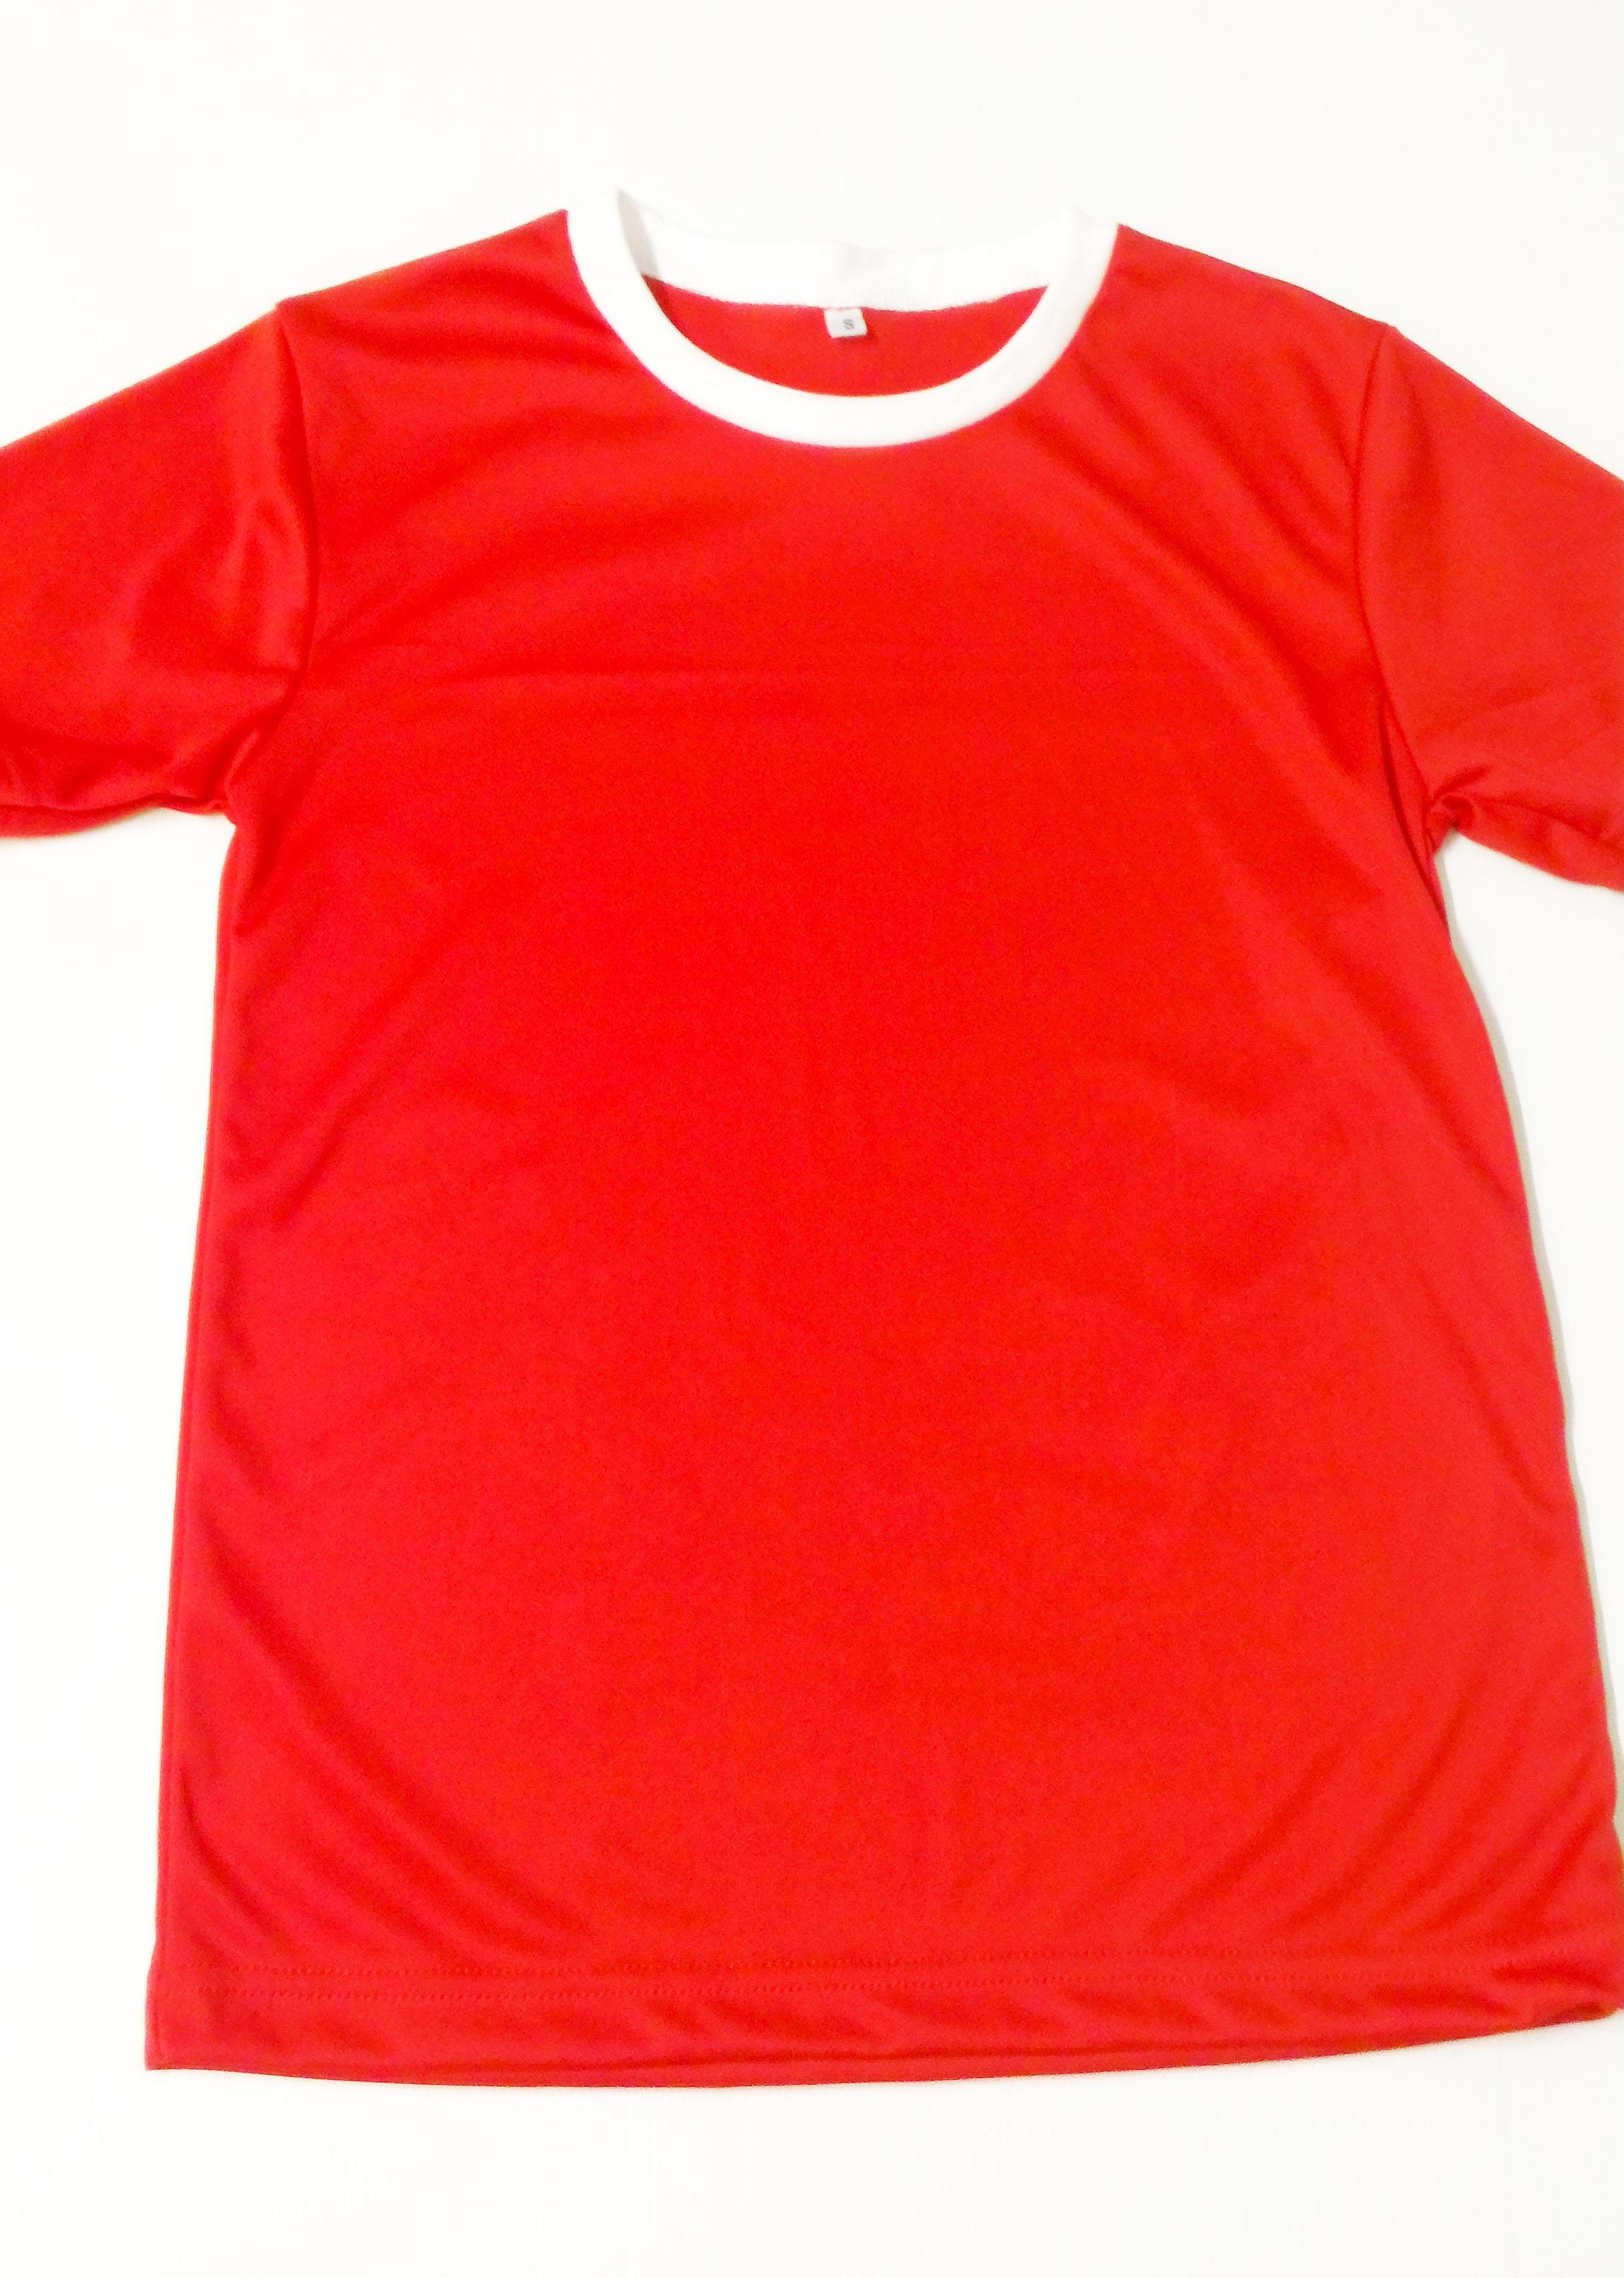 ปลีกตัวละ 70 บาท ไซส์ L รอบอก 38 นิ้ว เสื้อกีฬาสีแดง เสื้อกีฬาเปล่าผู้ใหญ่ เสื้อเปล่า